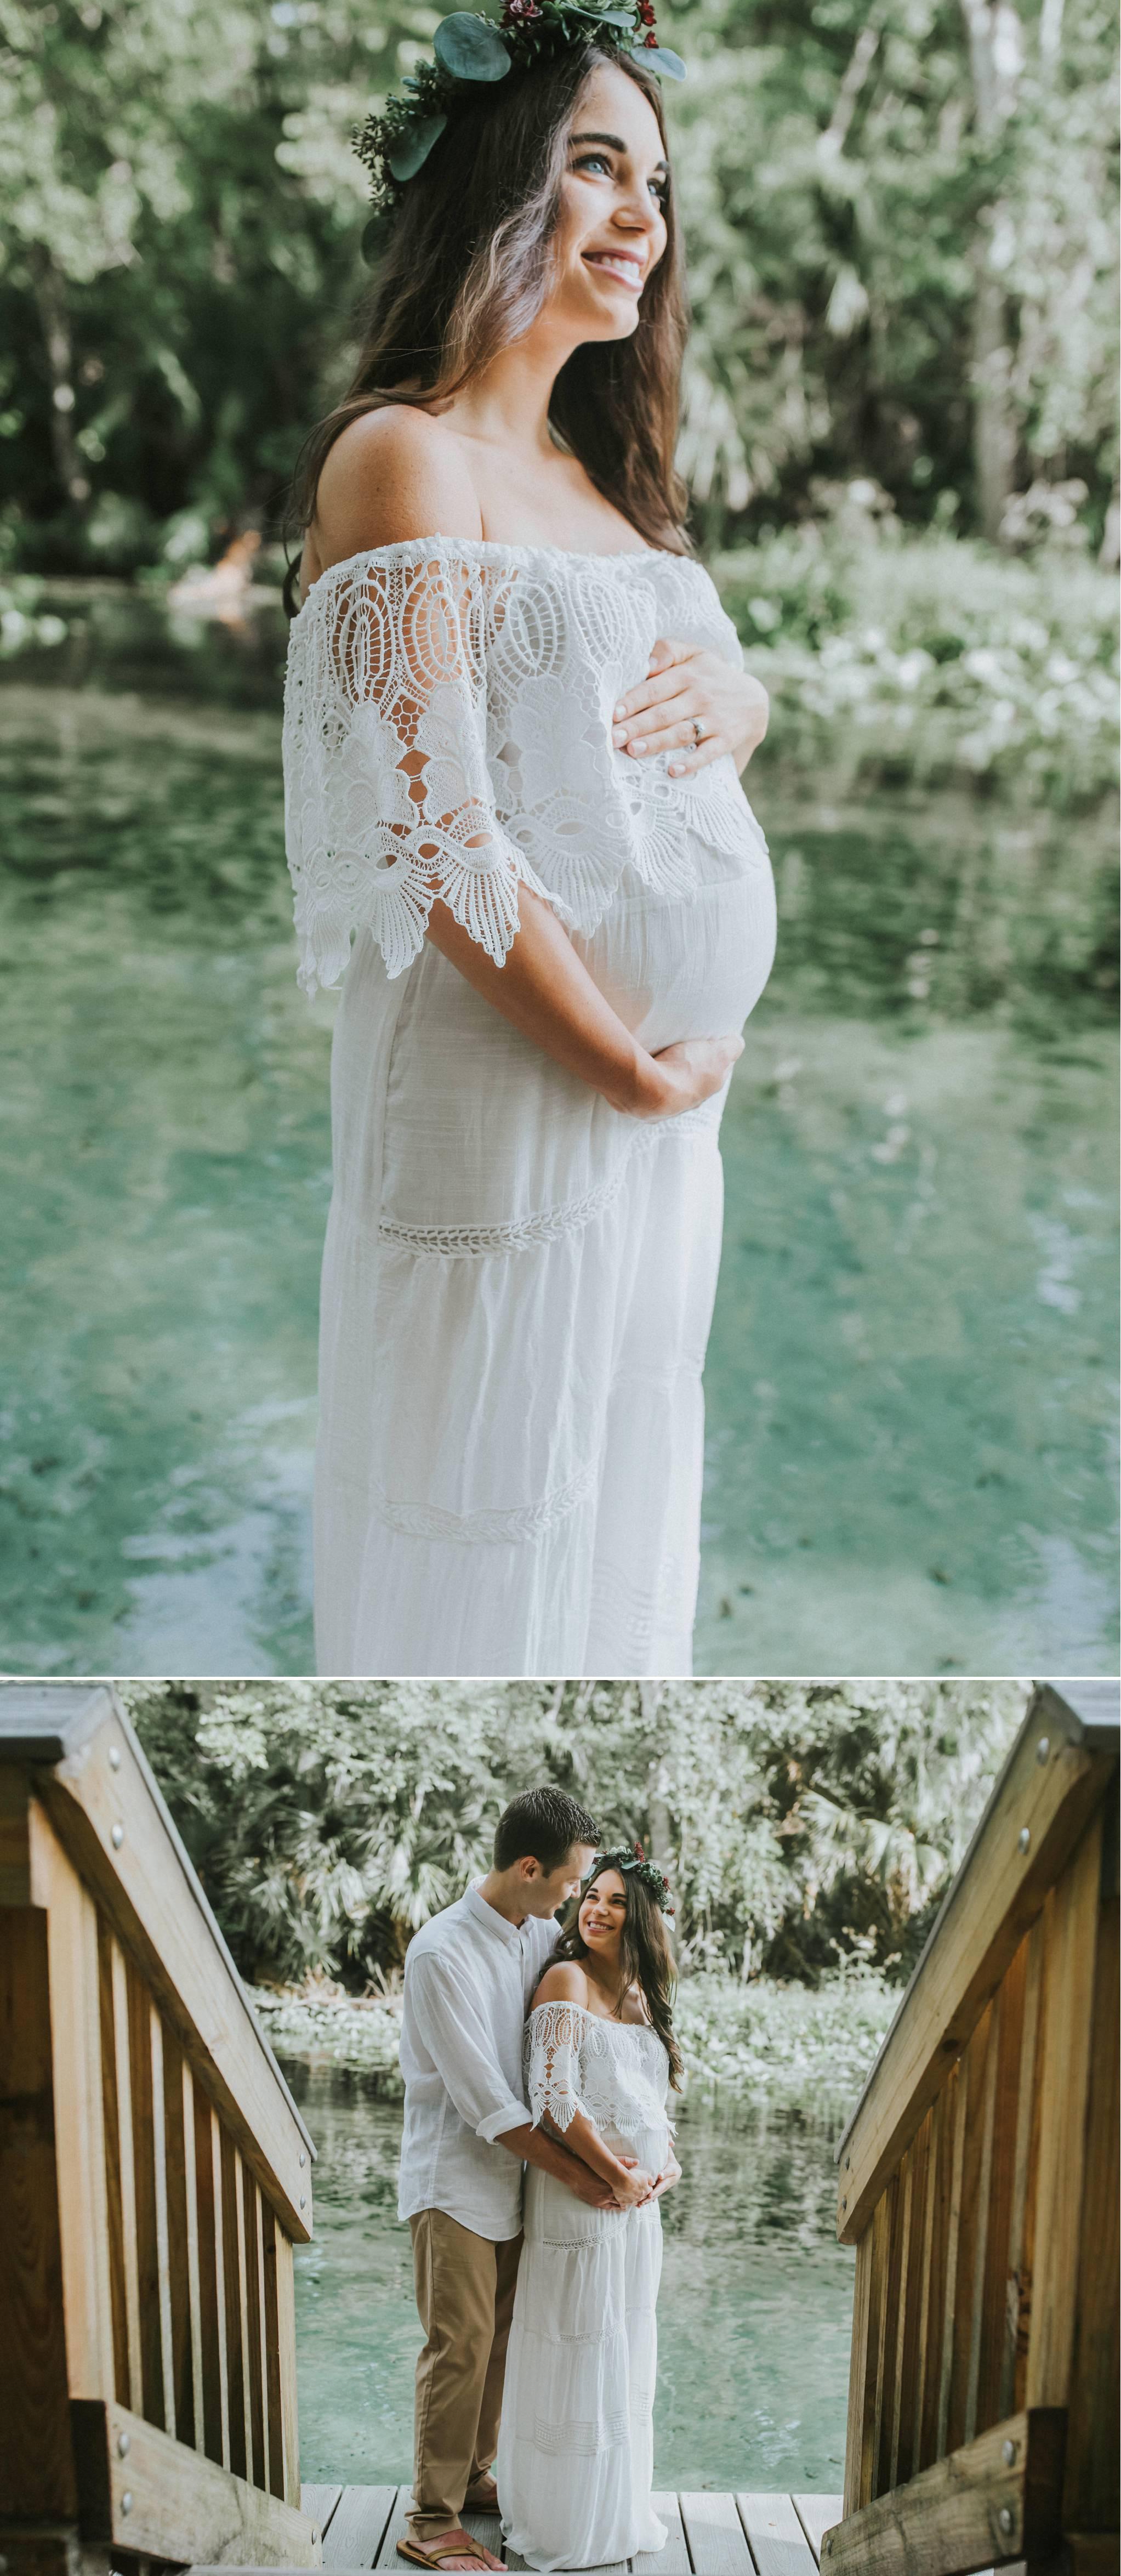 Wekiwa Springs Boho DIY Succulent Flower Crown Maternity Photos-Julie+Robby 6.jpg